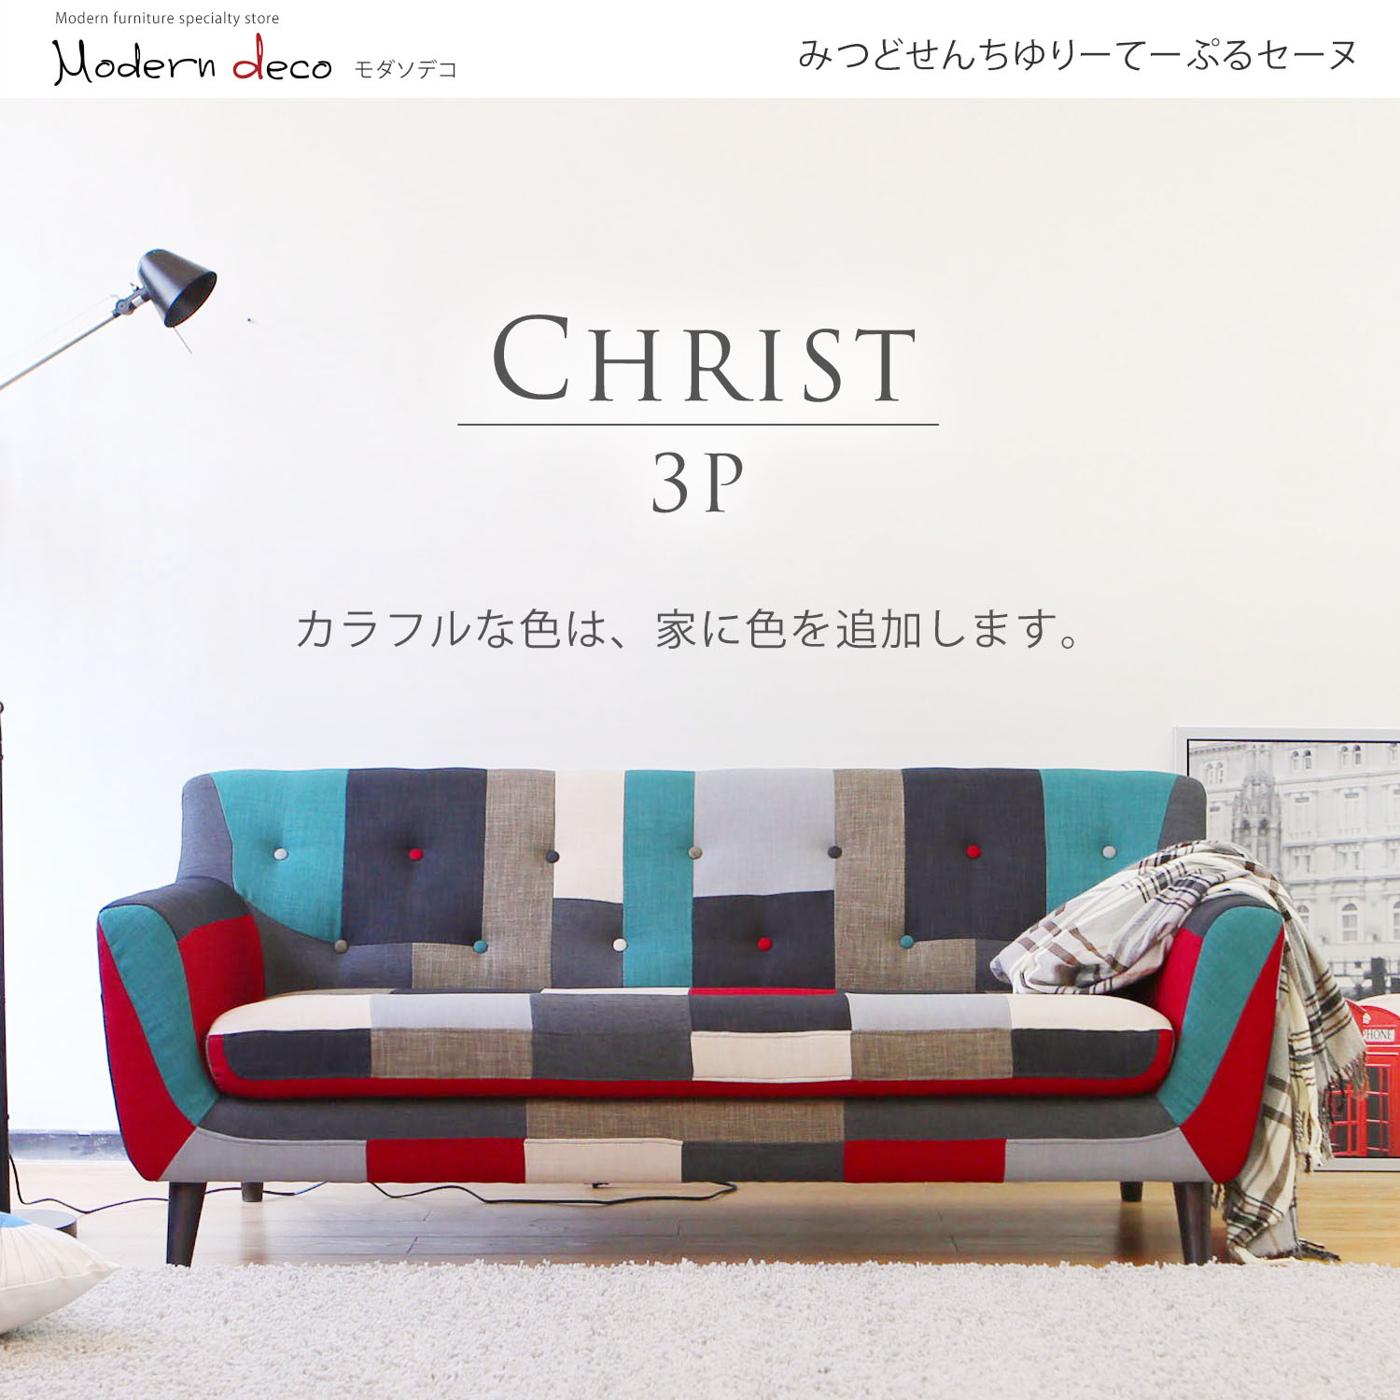 【日本品牌MODERN DECO】克里斯藍色拼布三人沙發/H&D東稻家居